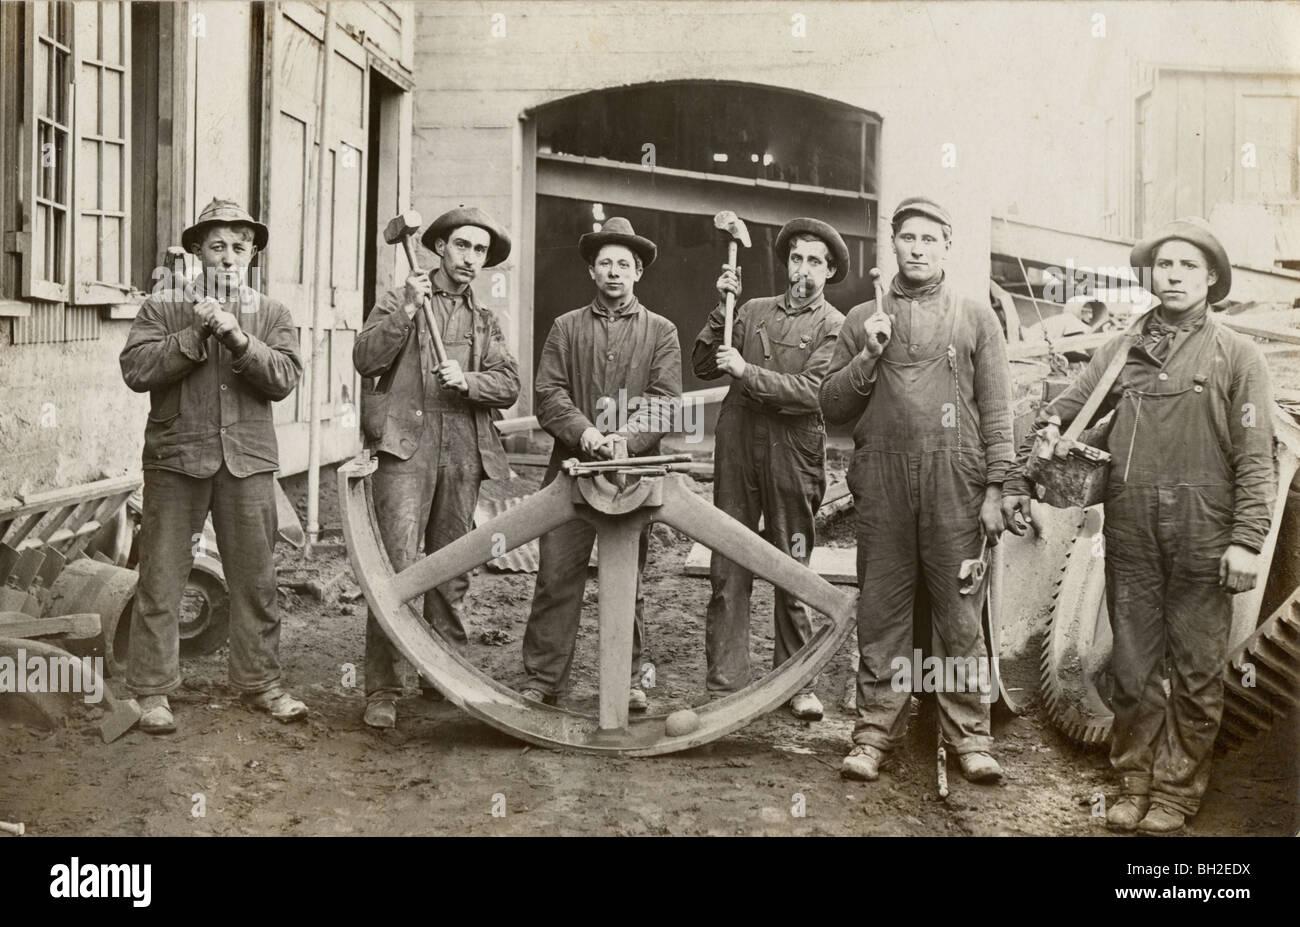 Six ouvriers agricoles et la moitié des roues industrielles géantes Photo Stock